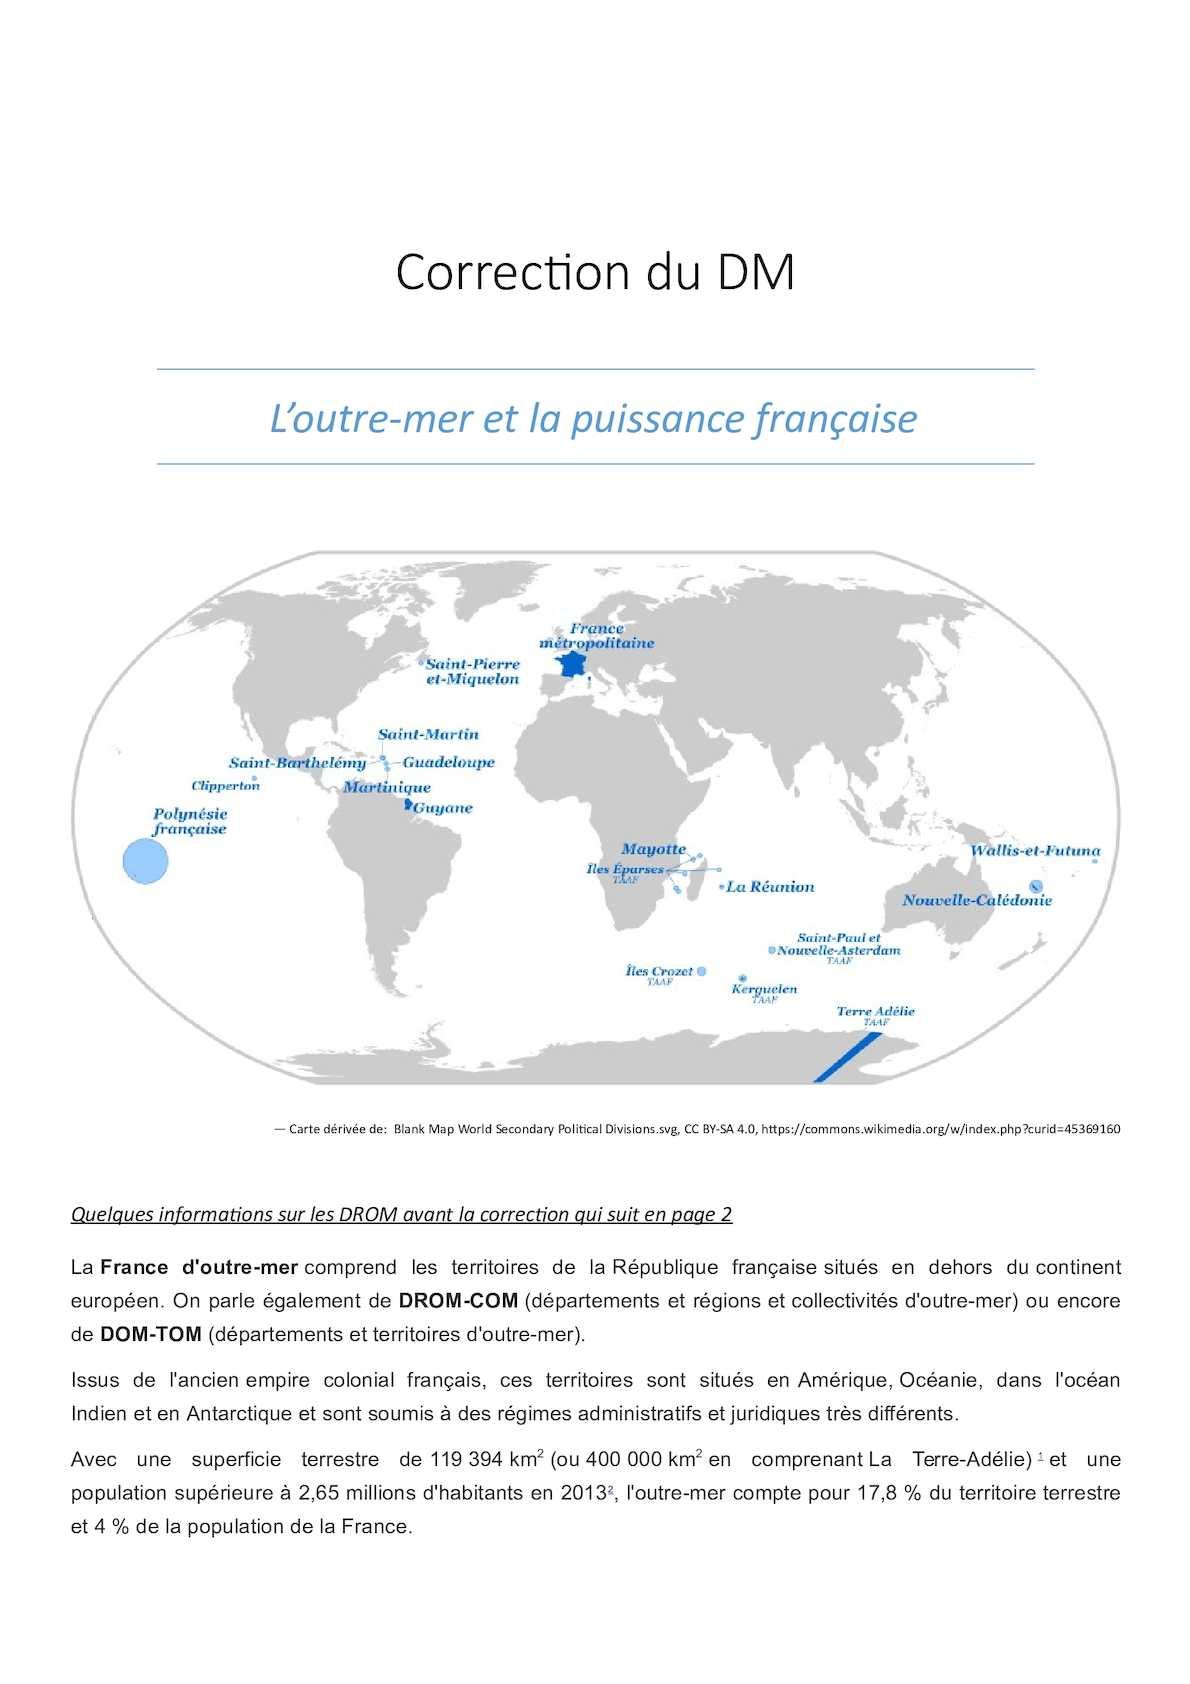 Calaméo - Devoir Drom Correction intérieur France Territoires D Outre Mer